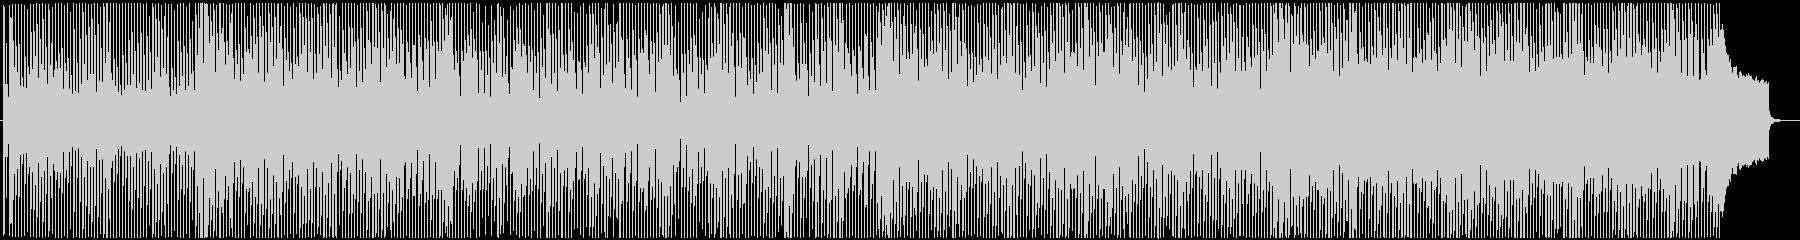 アニメチック可愛らしい前向きなポップスの未再生の波形